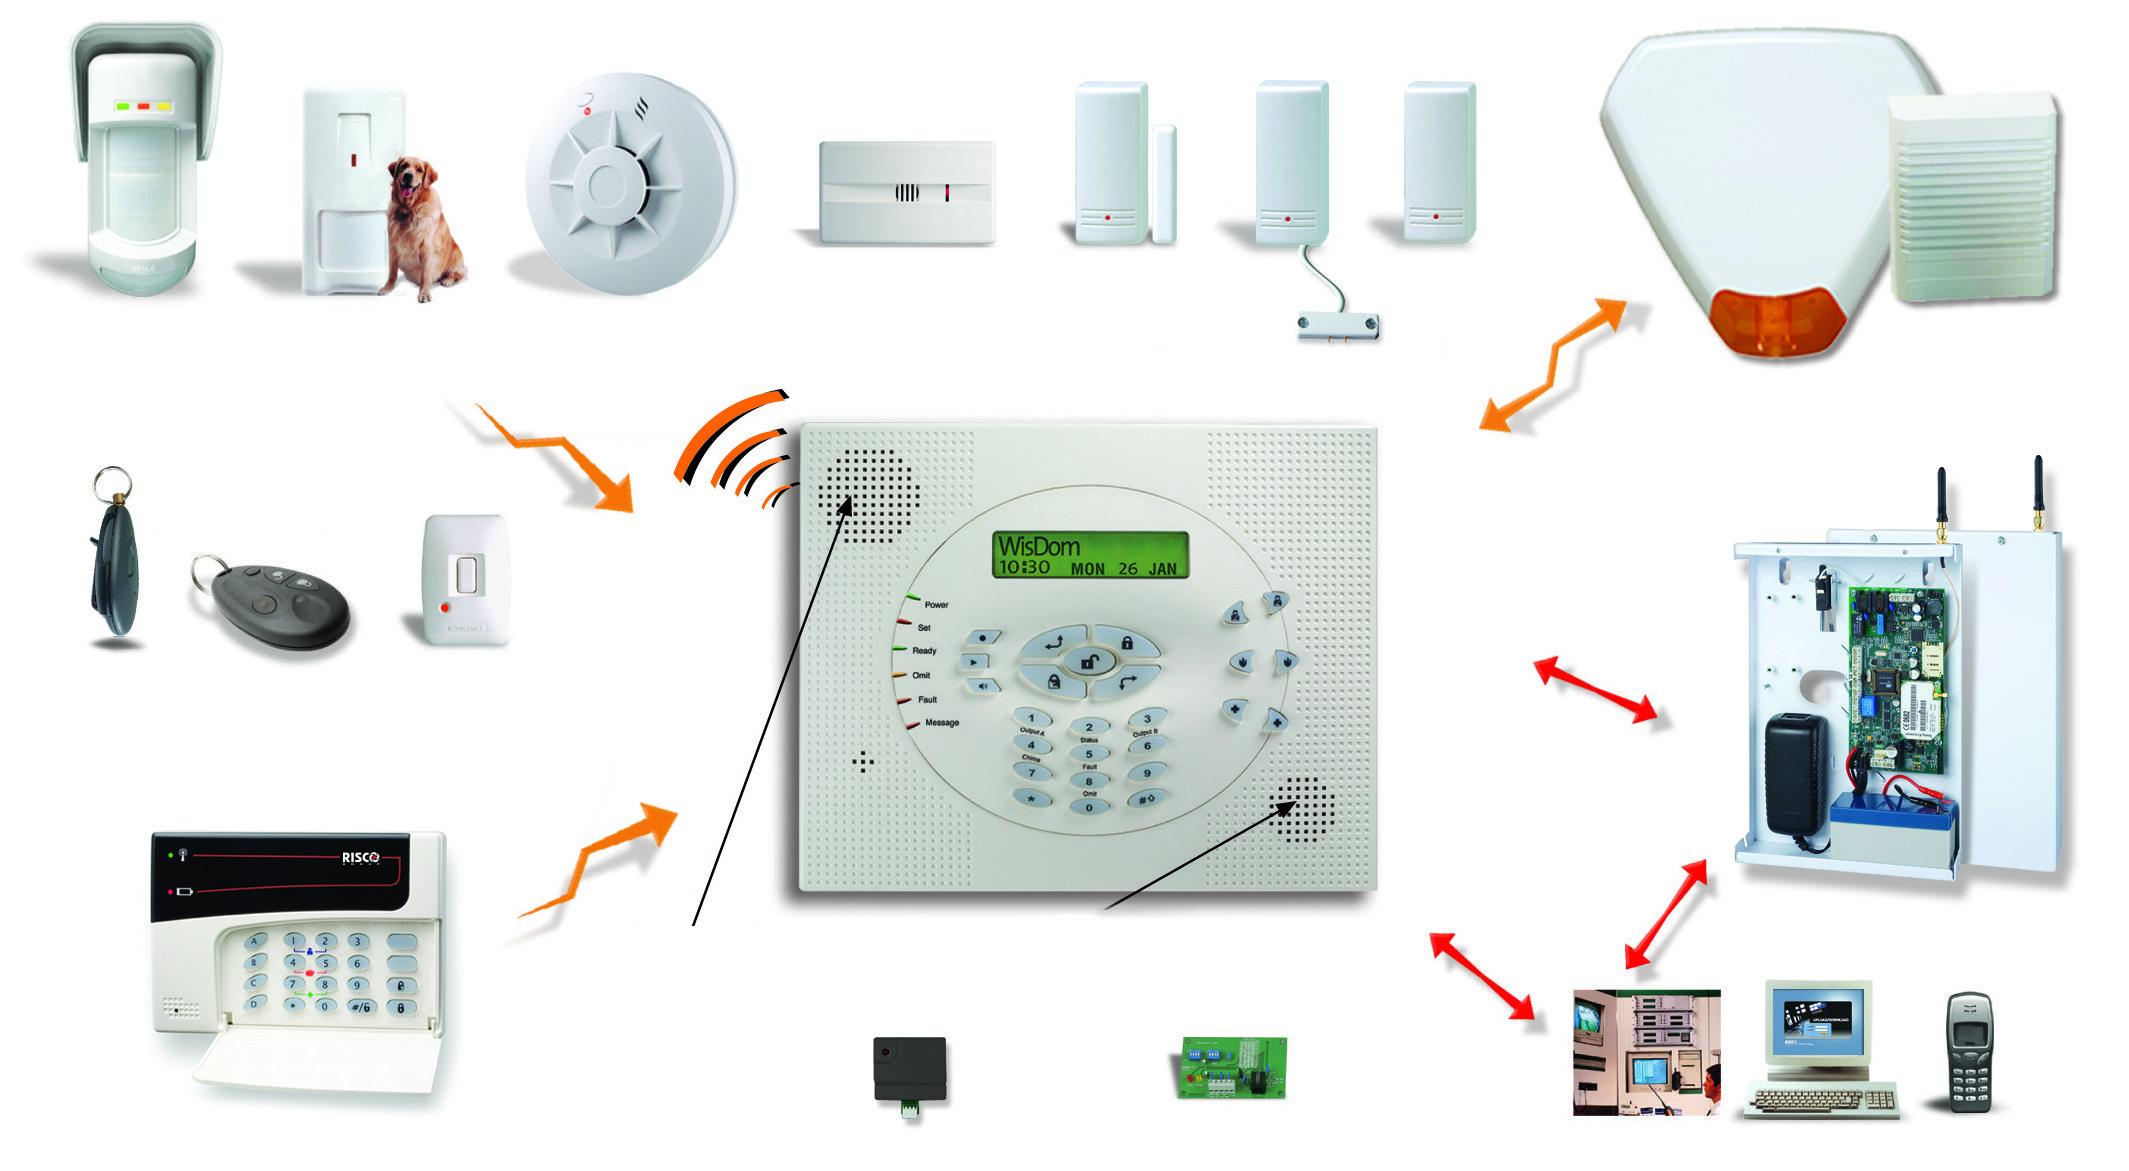 Allarmi senza fili wireless - Allarme per casa senza fili ...